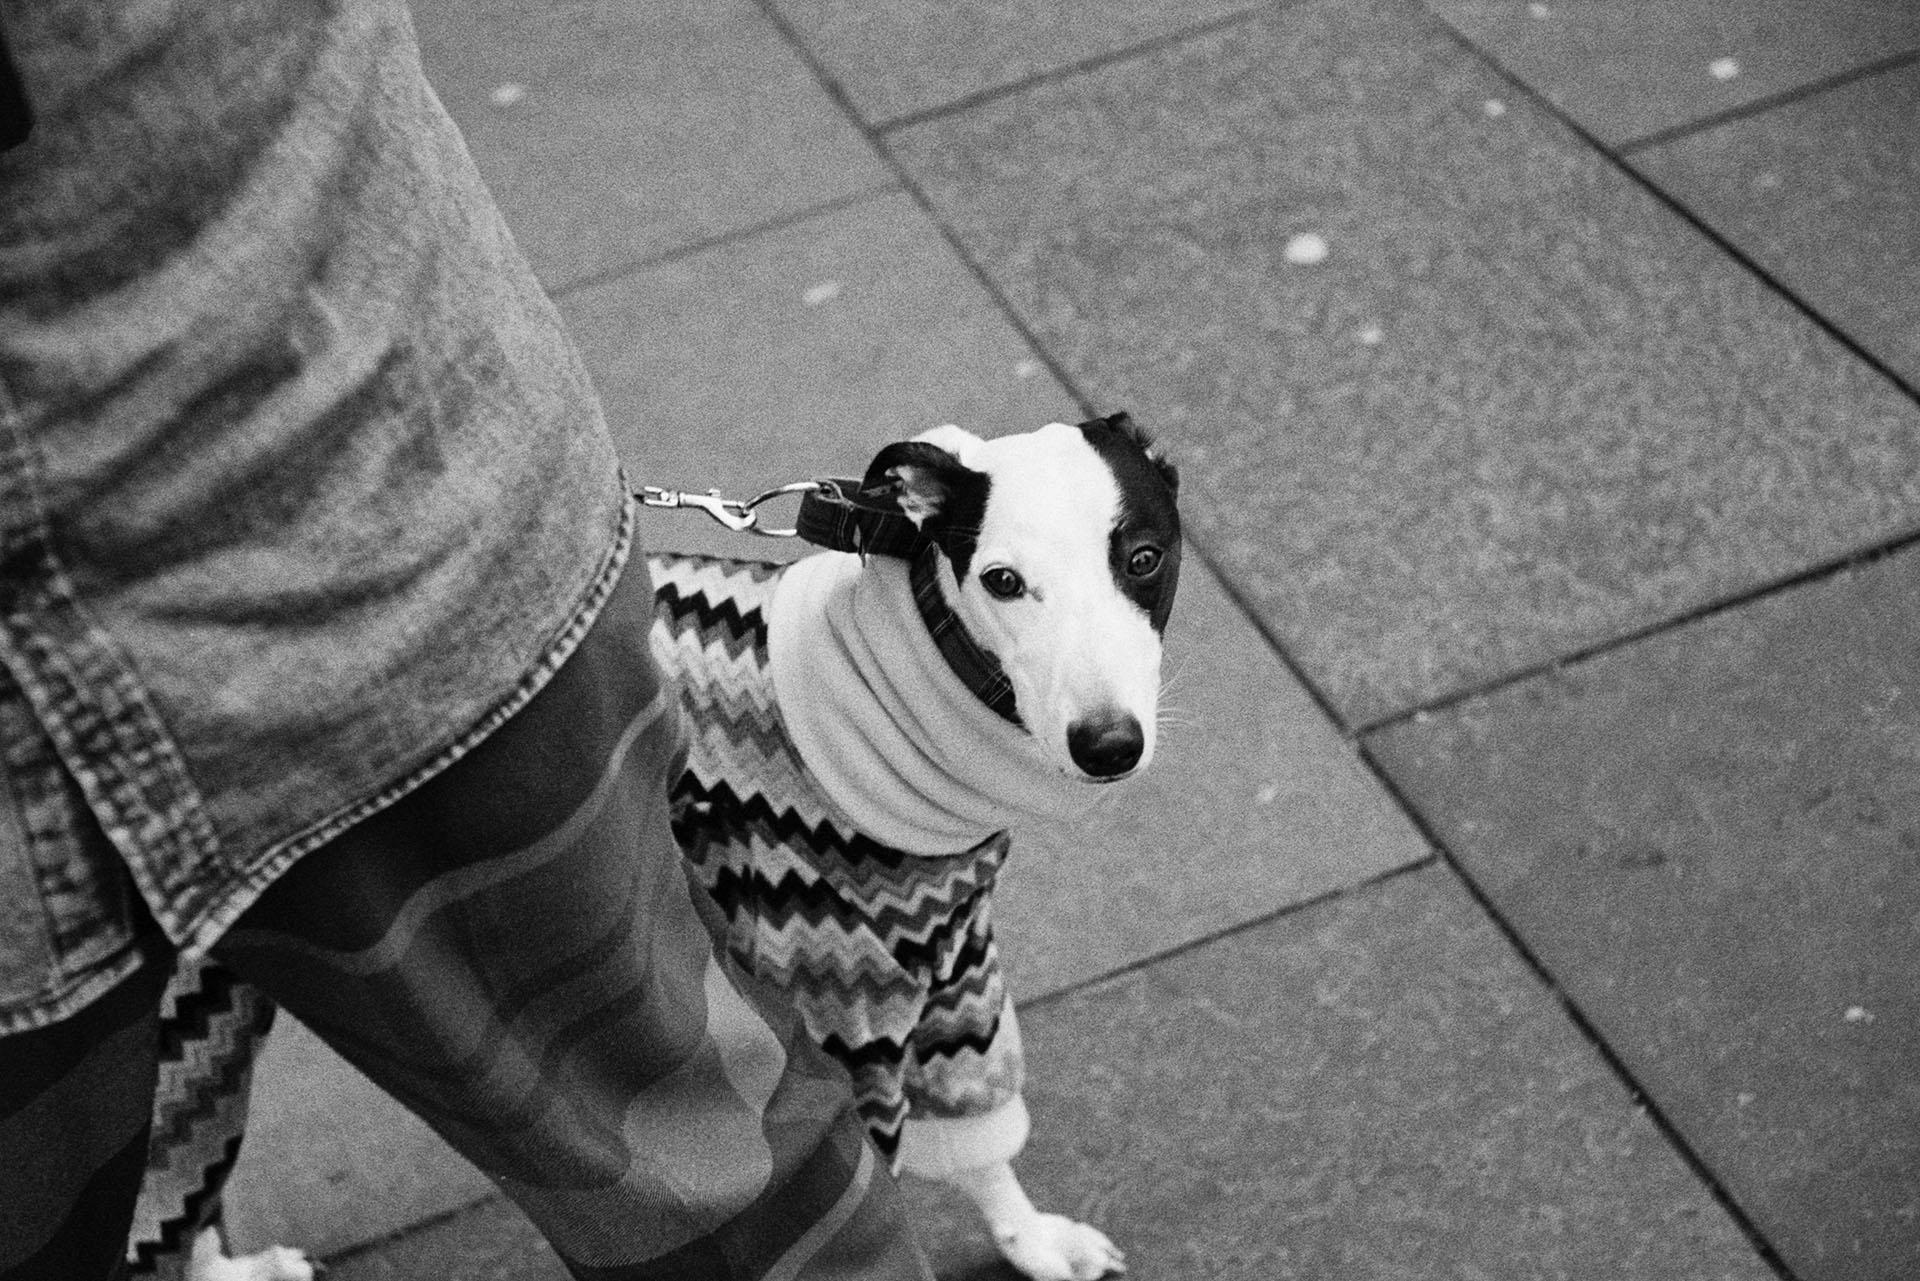 Glasgow 35mm portrait